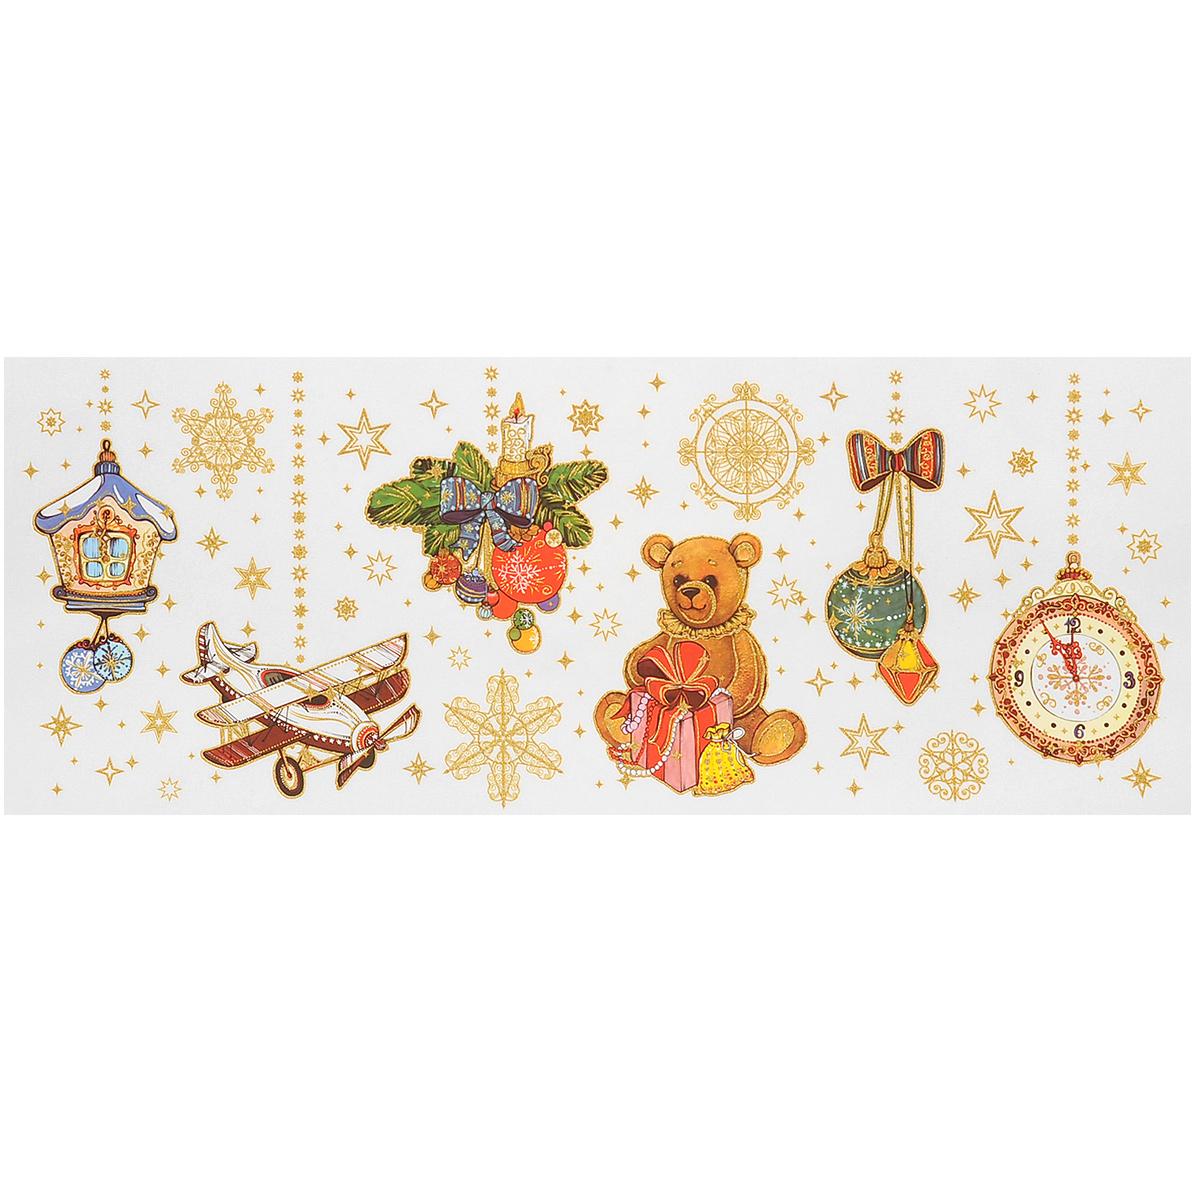 Новогоднее оконное украшение Подвесные игрушки, 54 см х 21 см. 3435834358Новогоднее оконное украшение, изготовленное из пленки ПВХ, поможет украсить дом к предстоящим праздникам. Яркие изображения в виде елочных игрушек, снежинок и ветвей ели, нанесены на прозрачную пленку и крепятся к гладкой поверхности стекла посредством статического эффекта. Рисунки декорированы золотистыми блестками. С помощью этих украшений вы сможете оживить интерьер по своему вкусу. Новогодние украшения всегда несут в себе волшебство и красоту праздника. Создайте в своем доме атмосферу тепла, веселья и радости, украшая его всей семьей.